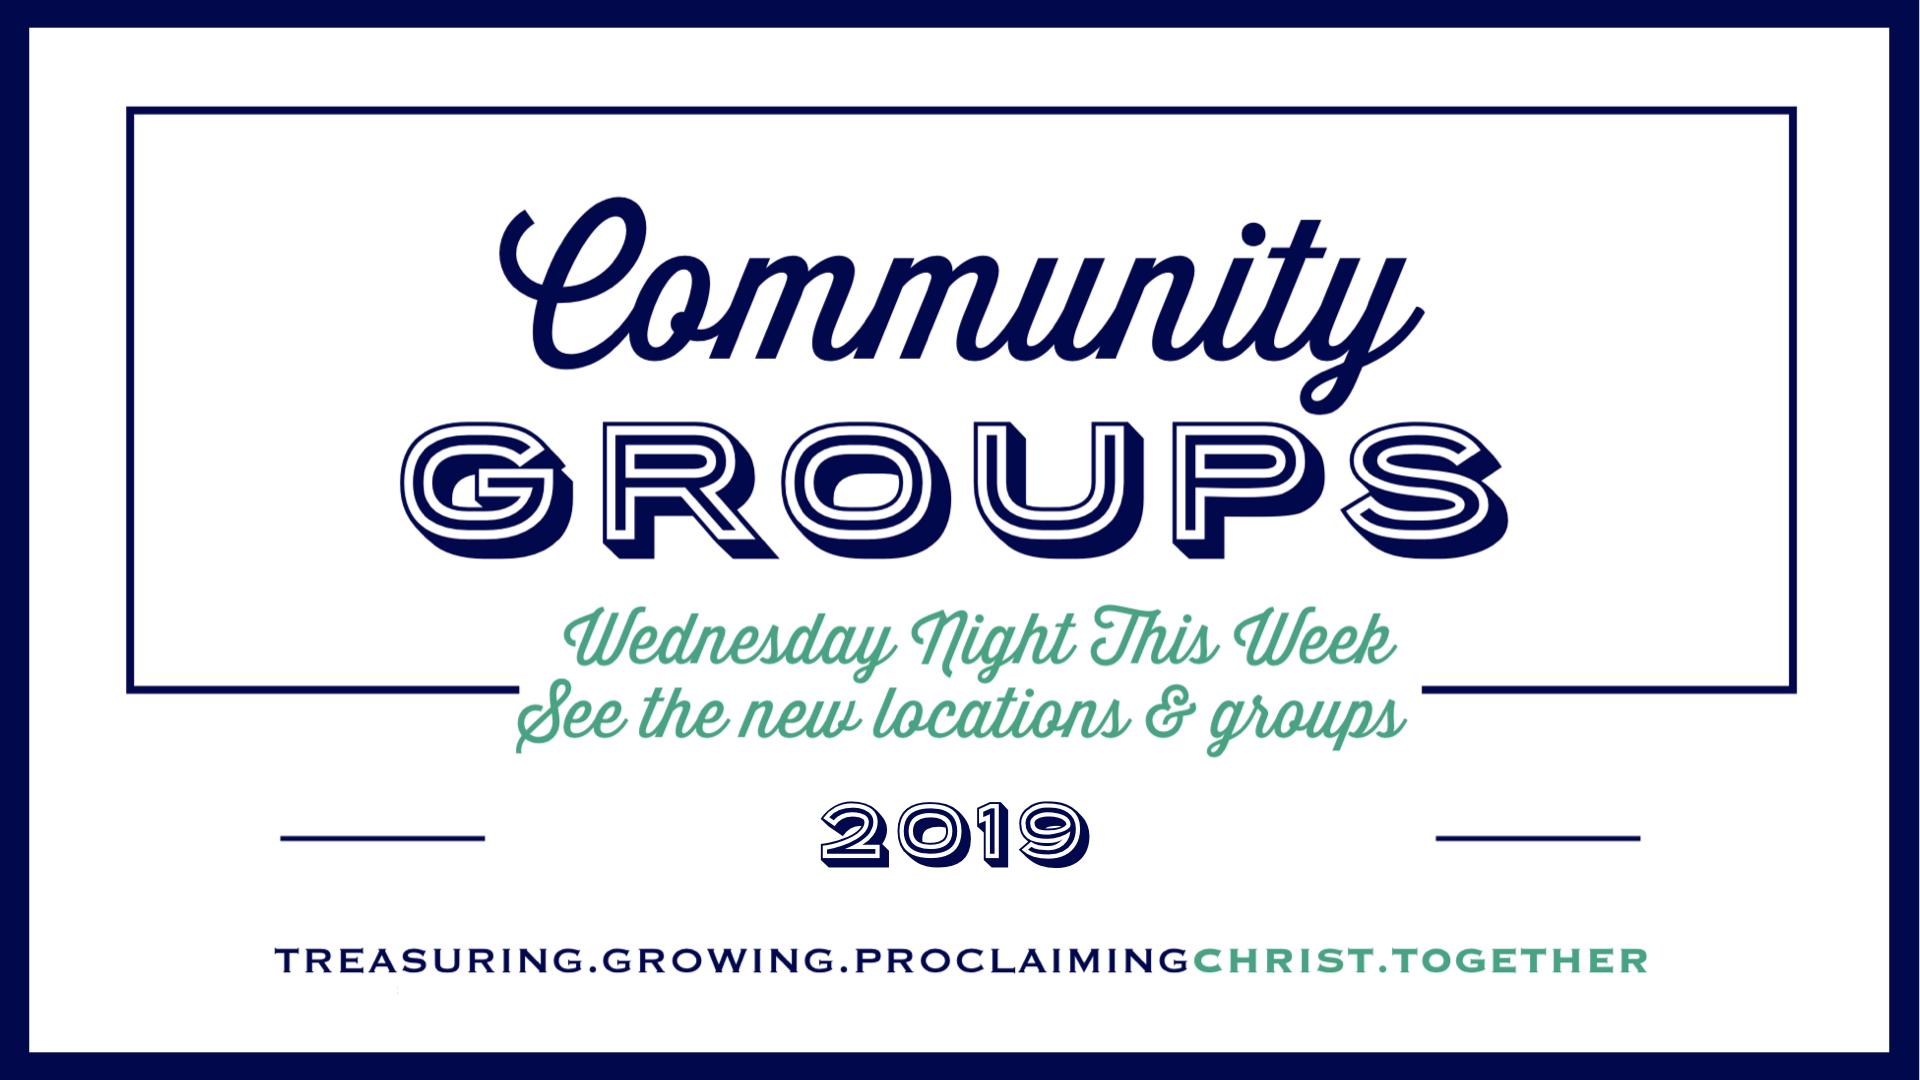 TCC Graphics - Community Groups 2019.001.jpeg